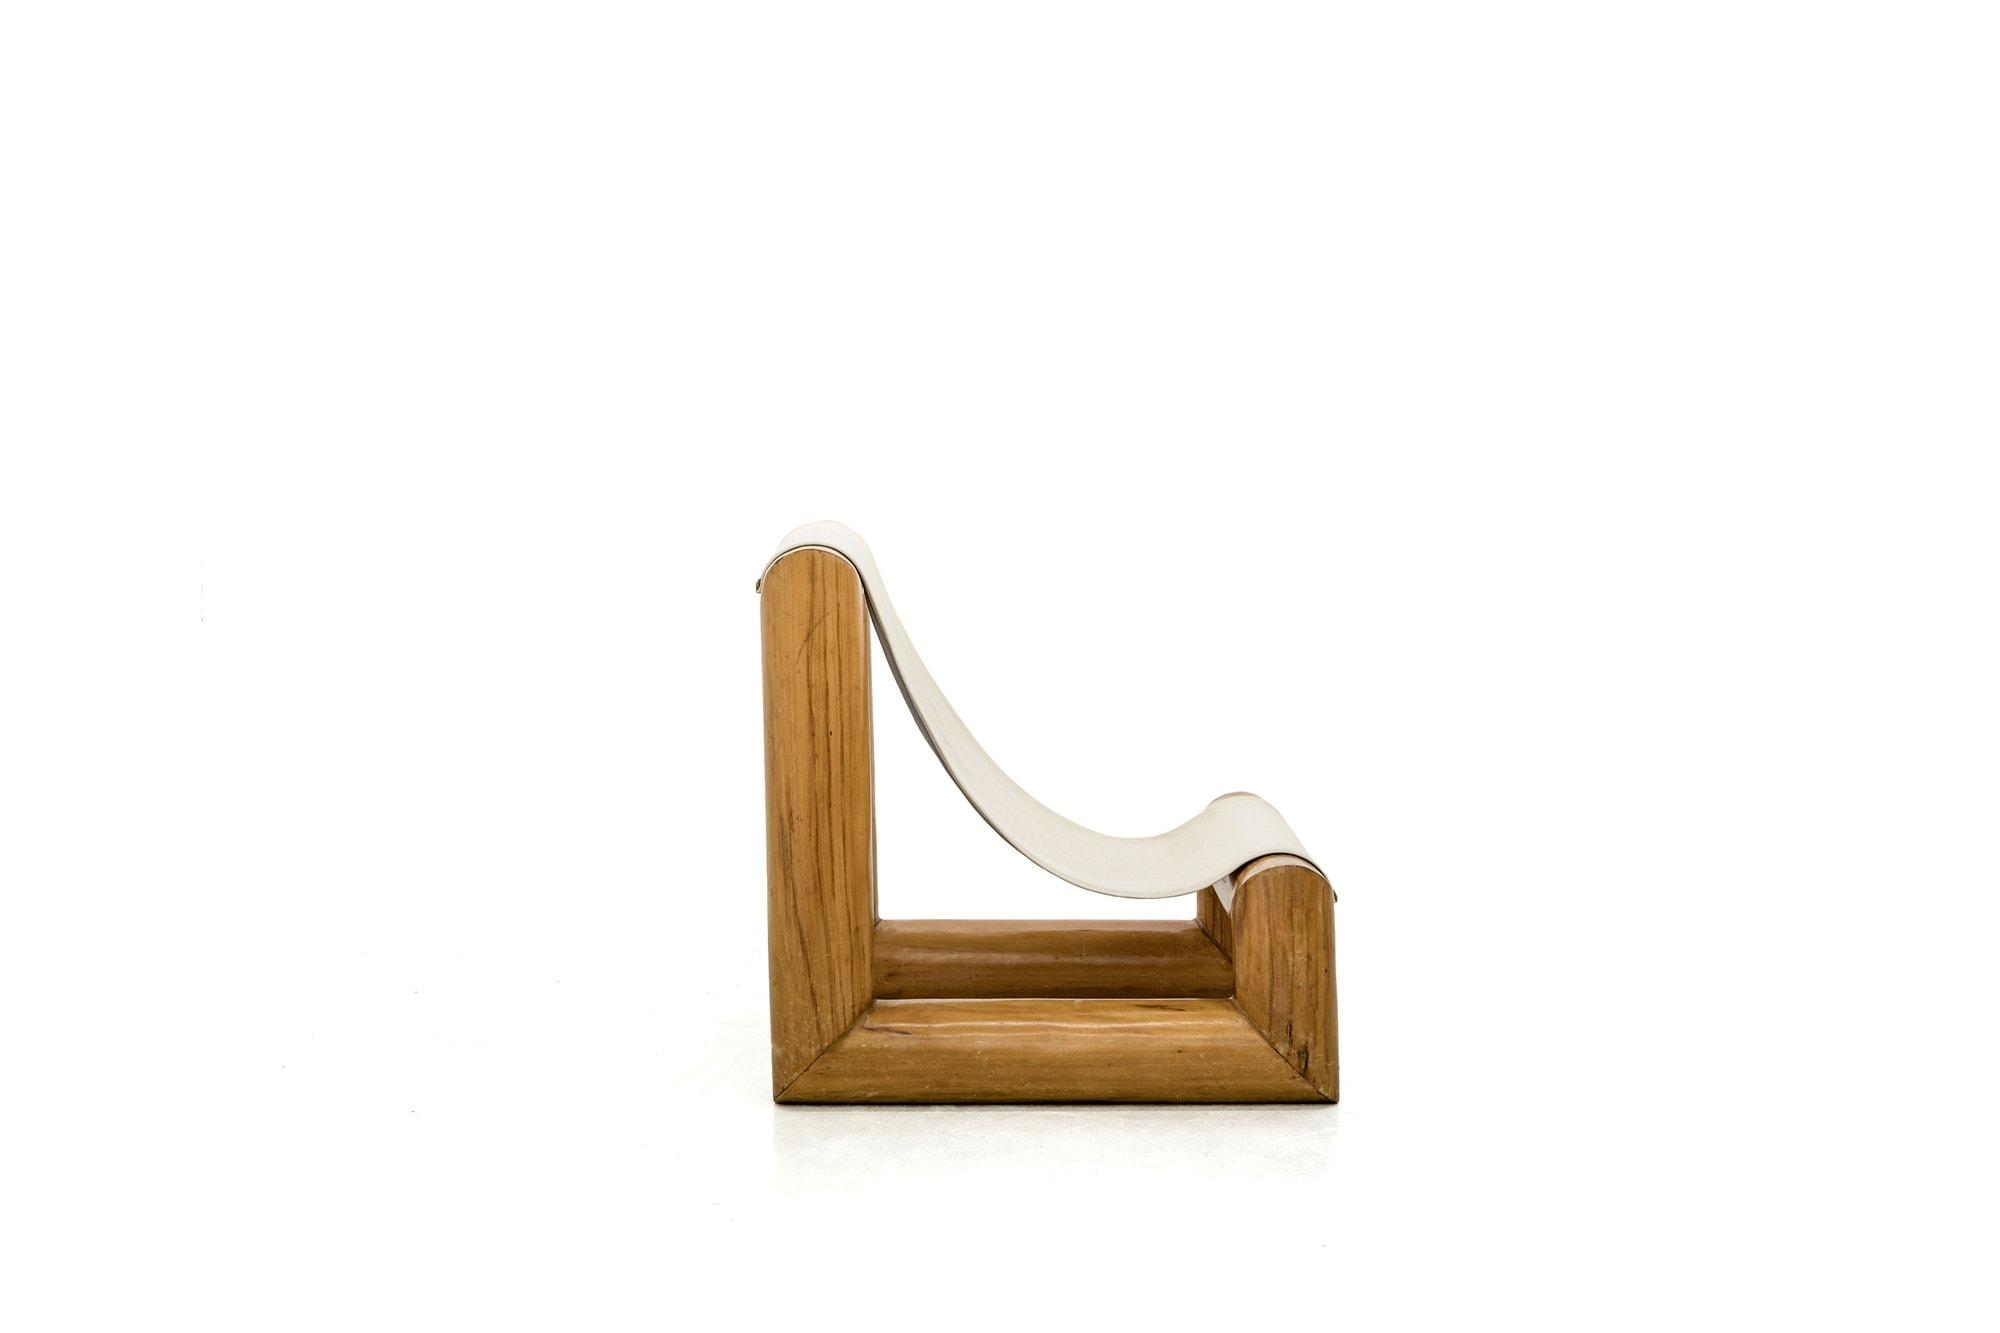 Jose Zanine Caldas, Très rare paire de sièges 'Tronco' (vendue), vue 03